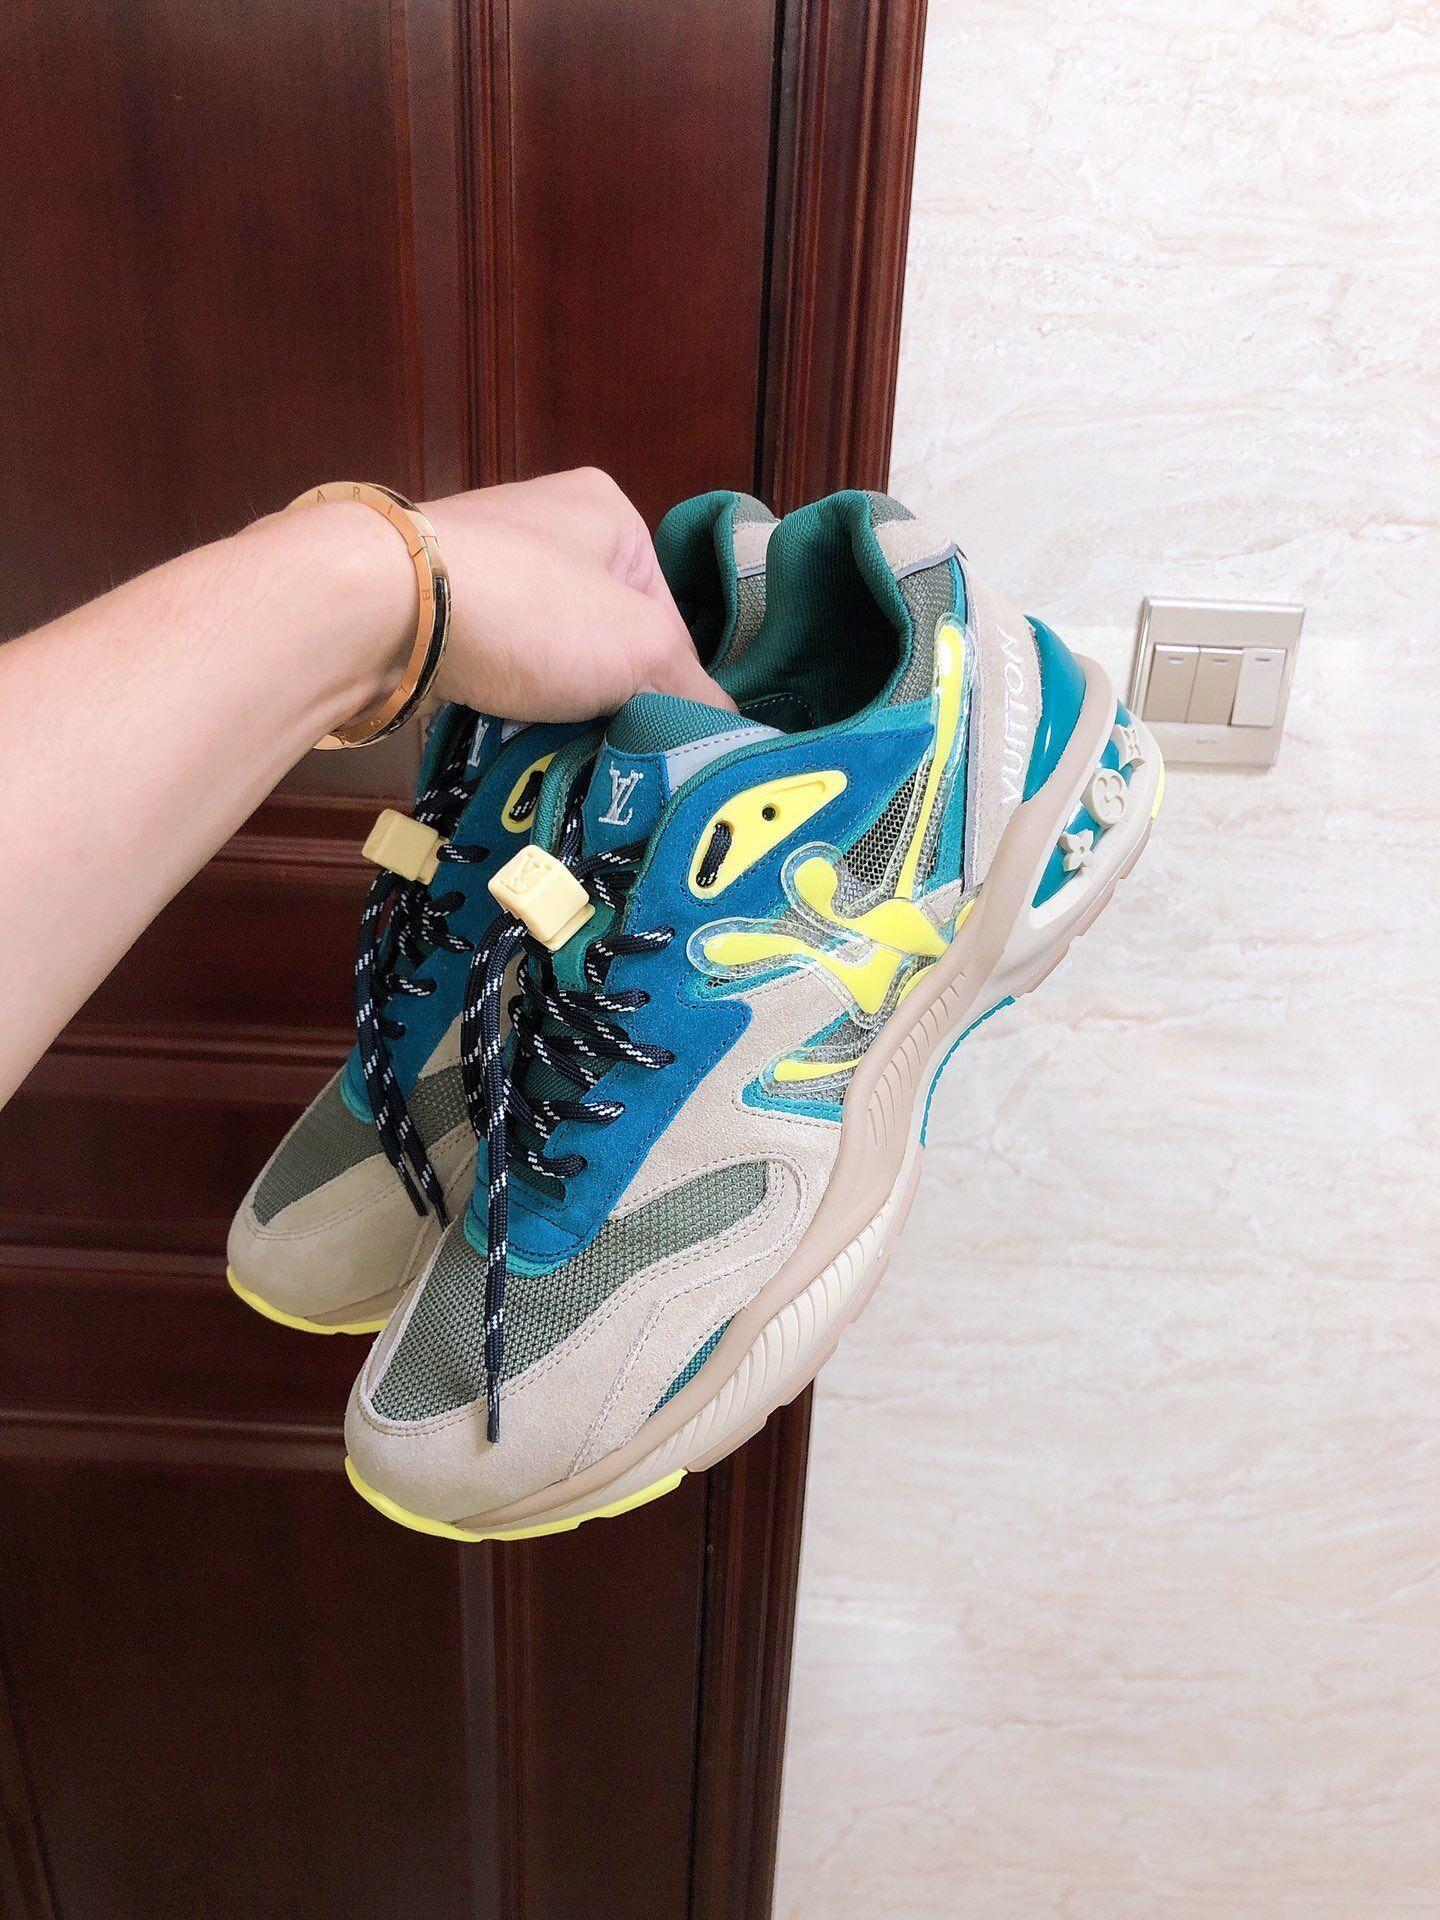 trail sneaker 1A7PEF    sneaker    men shoes    sneaker 1A7PEF  1